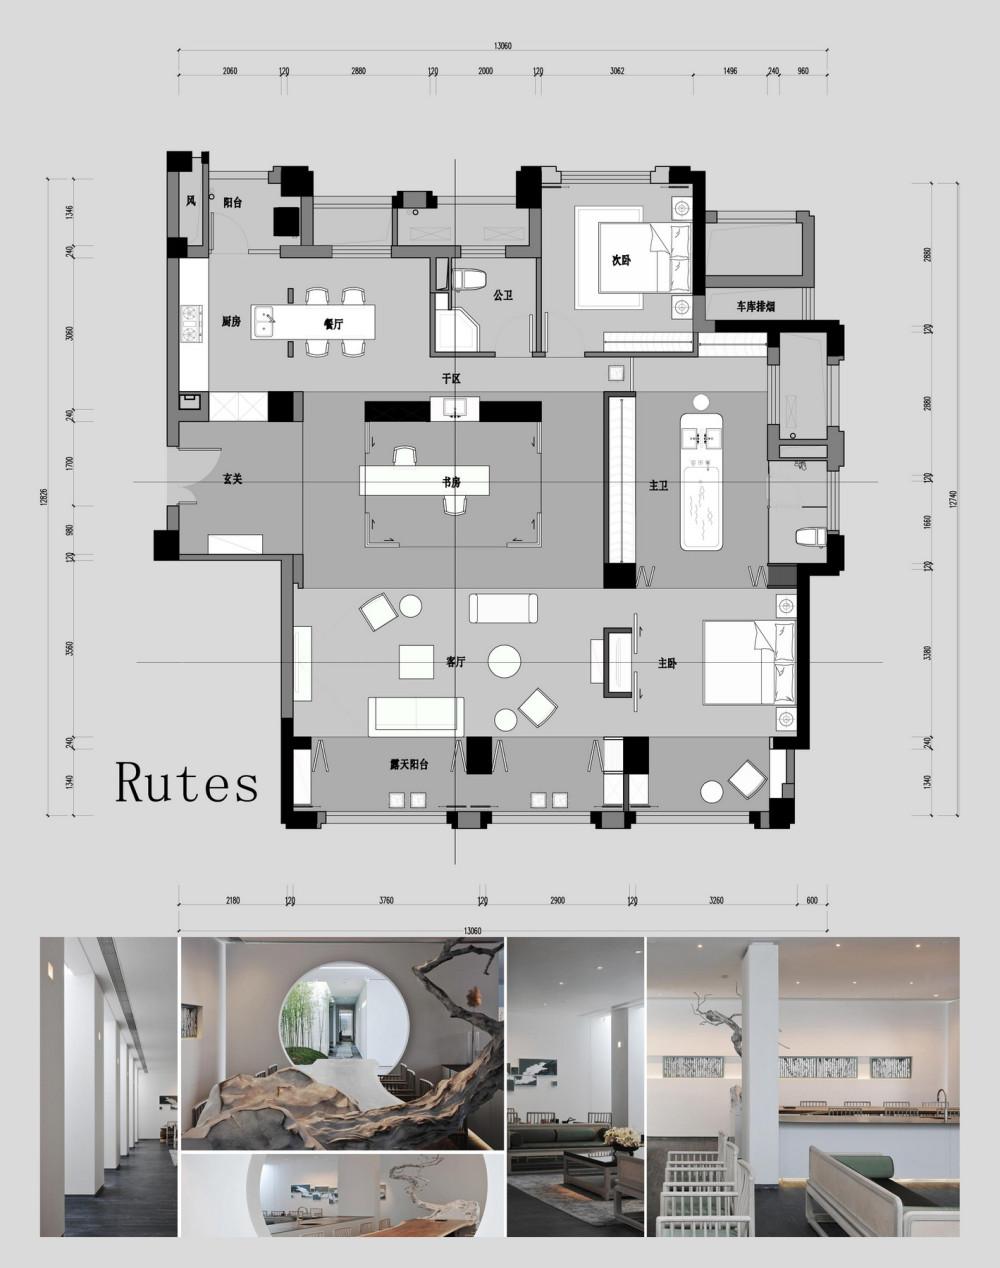 【第15期-住宅平面优化】一个150m²平层16组方案 投票奖励DB_【10】.jpg